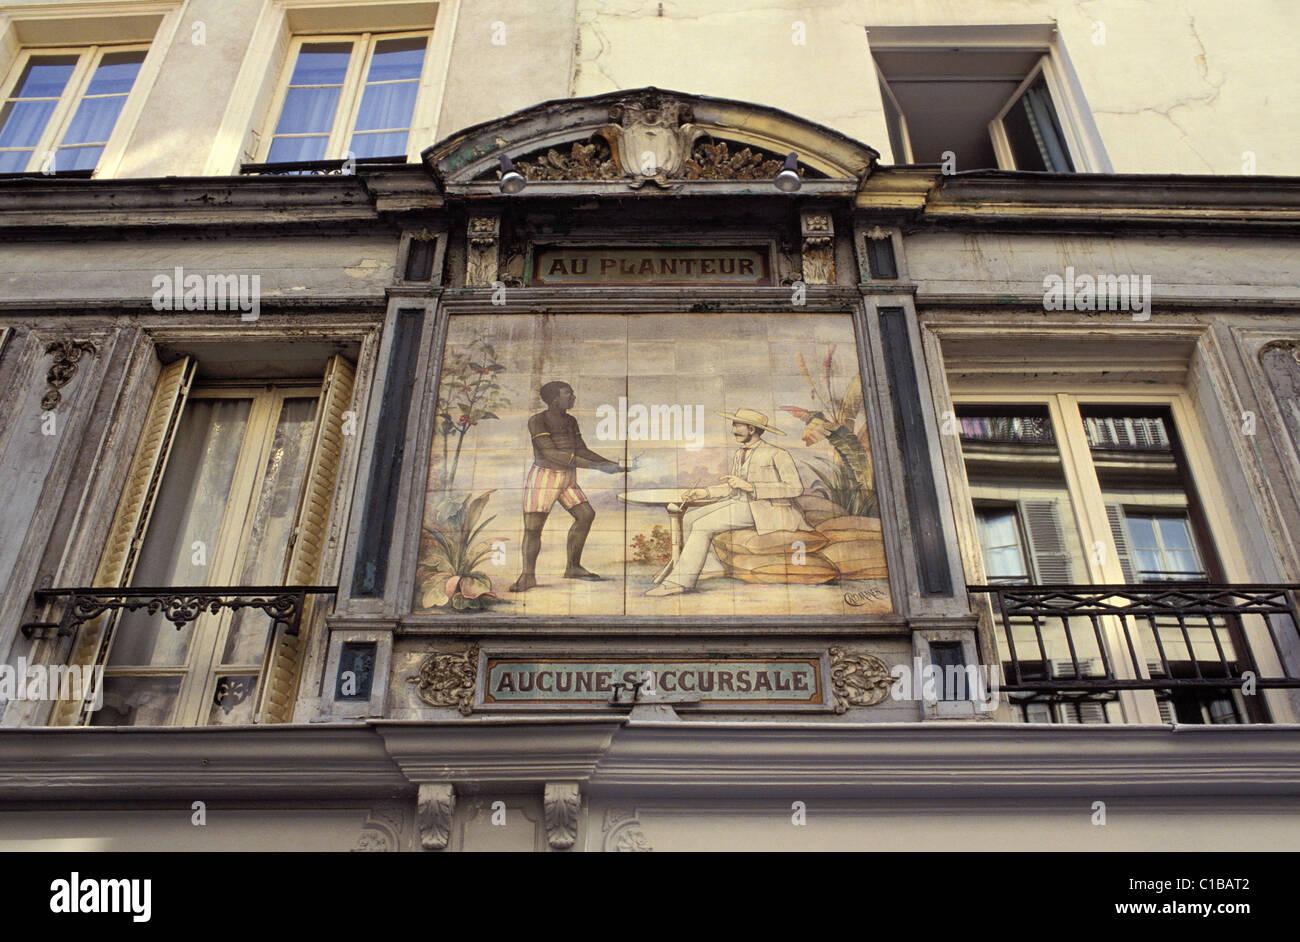 France, Paris, old shop sign Au planteur in the Contrescarpe square - Stock Image